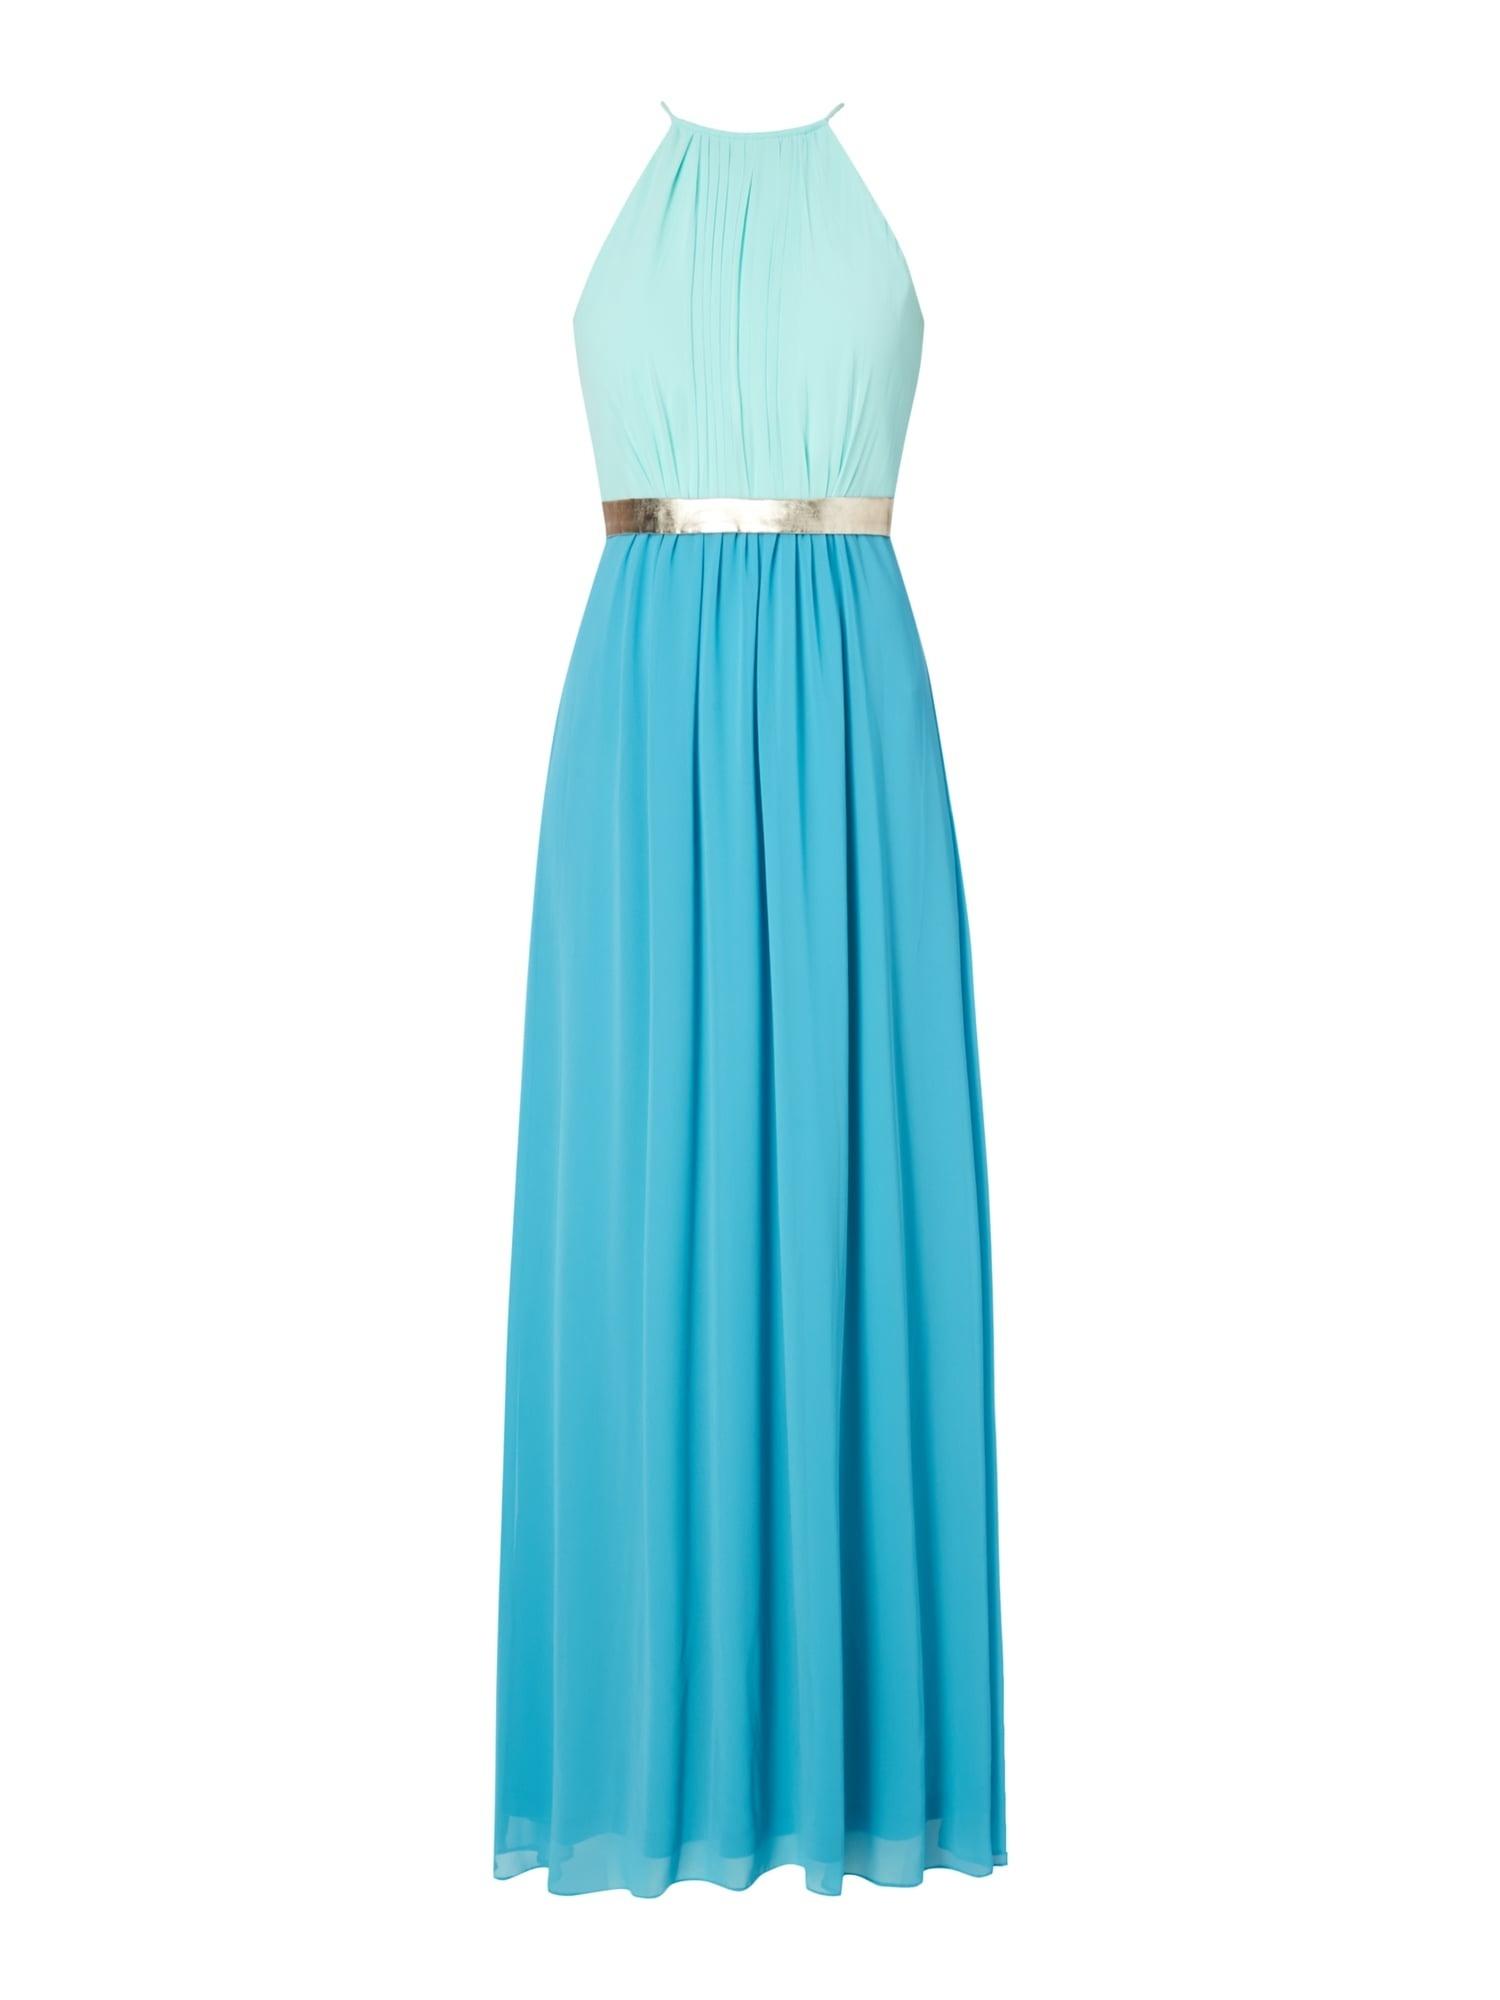 17 Luxurius Kleid Türkis Lang Boutique13 Coolste Kleid Türkis Lang für 2019